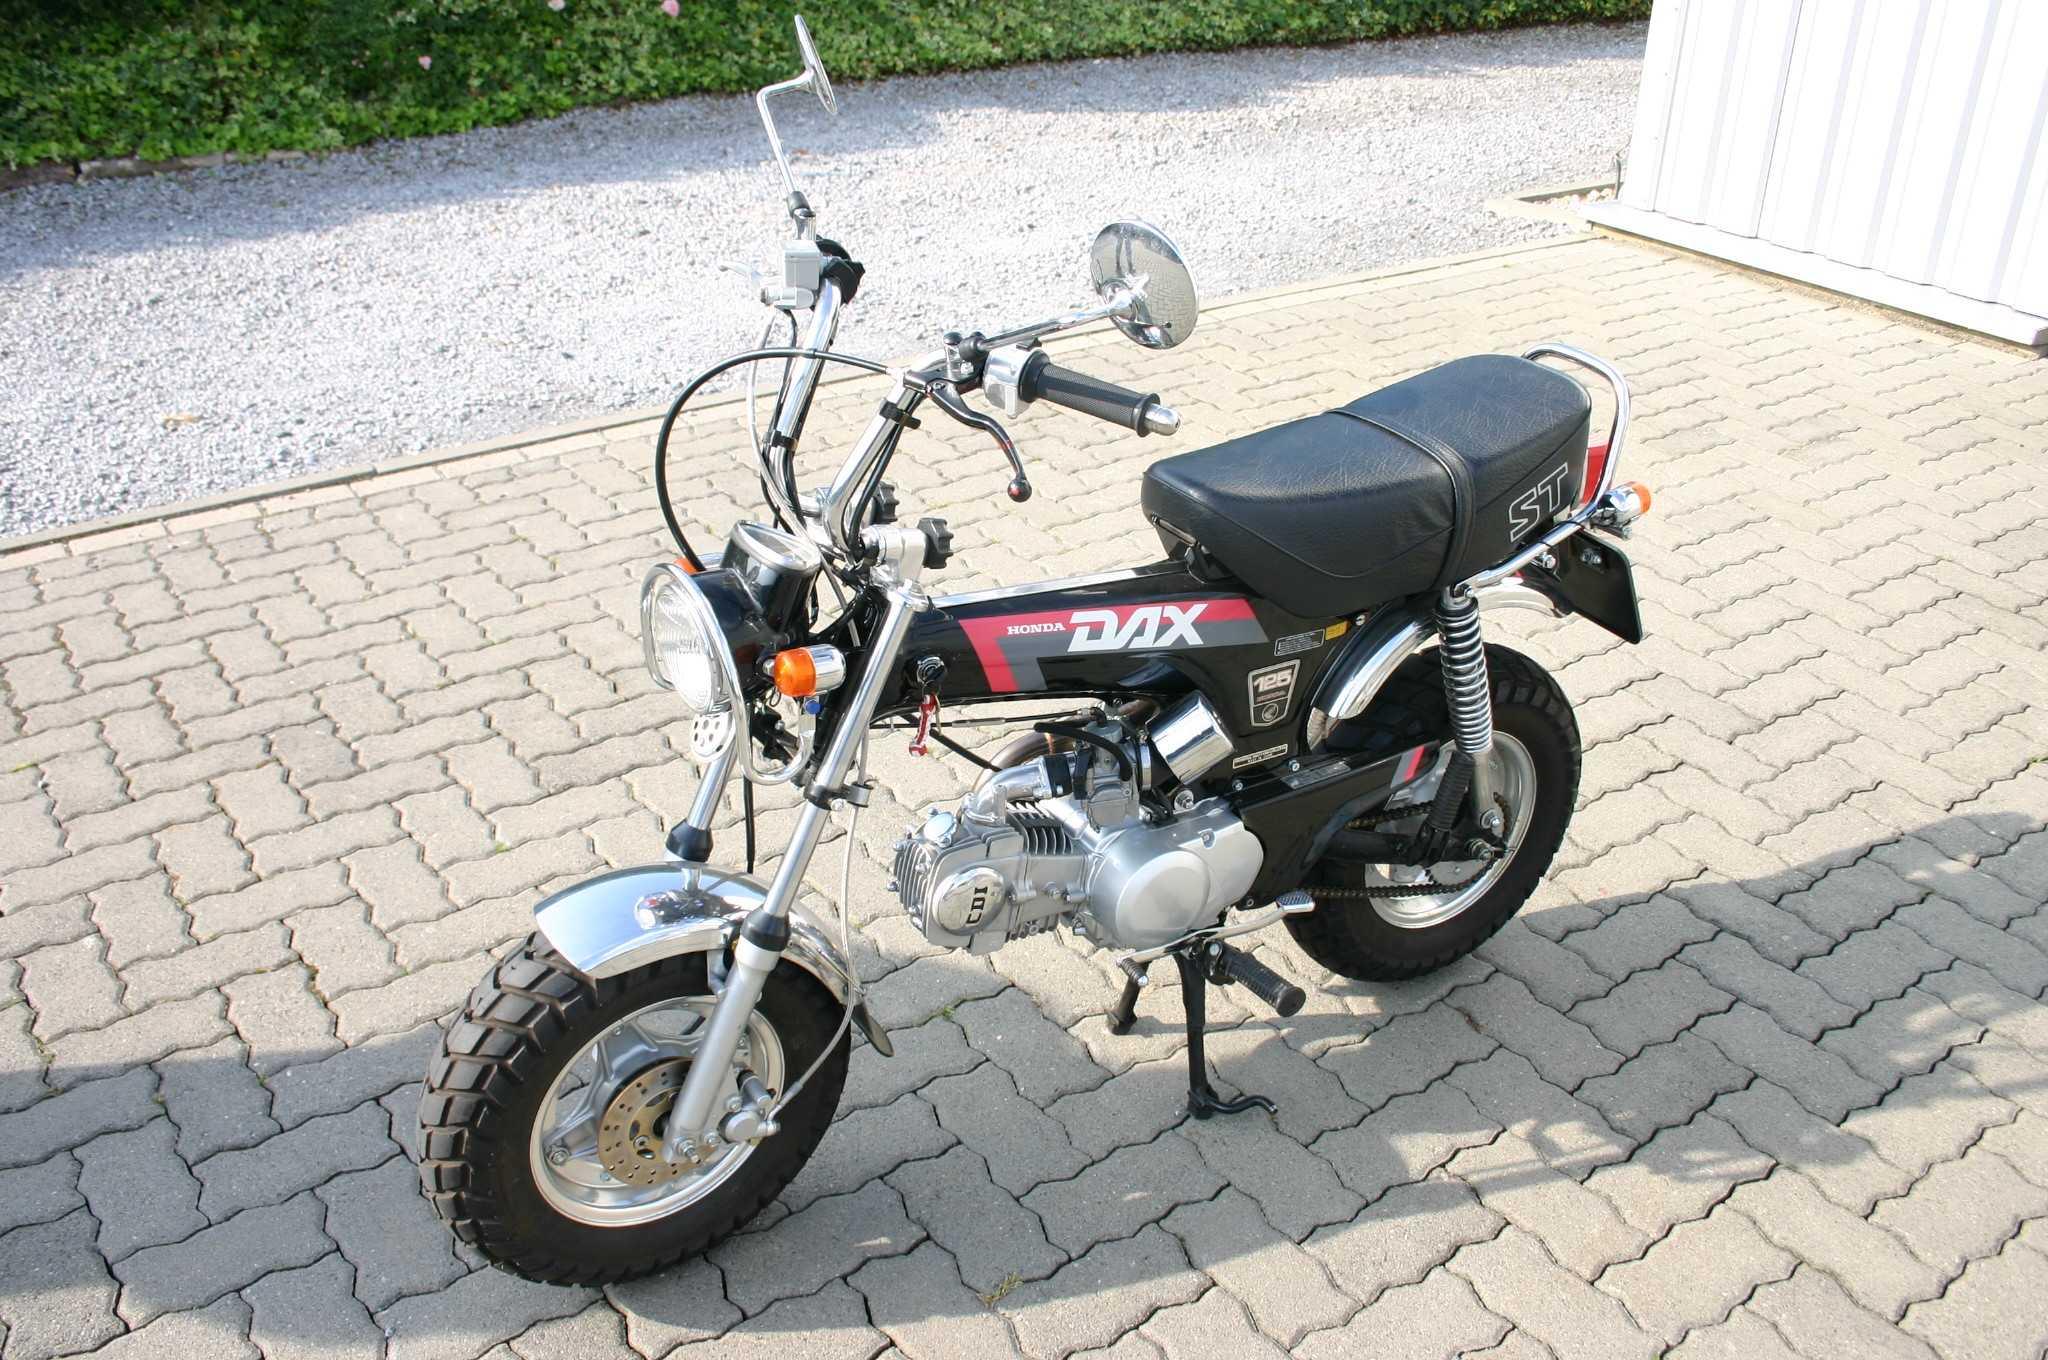 Honda Dax mit Bremsscheibe vorne